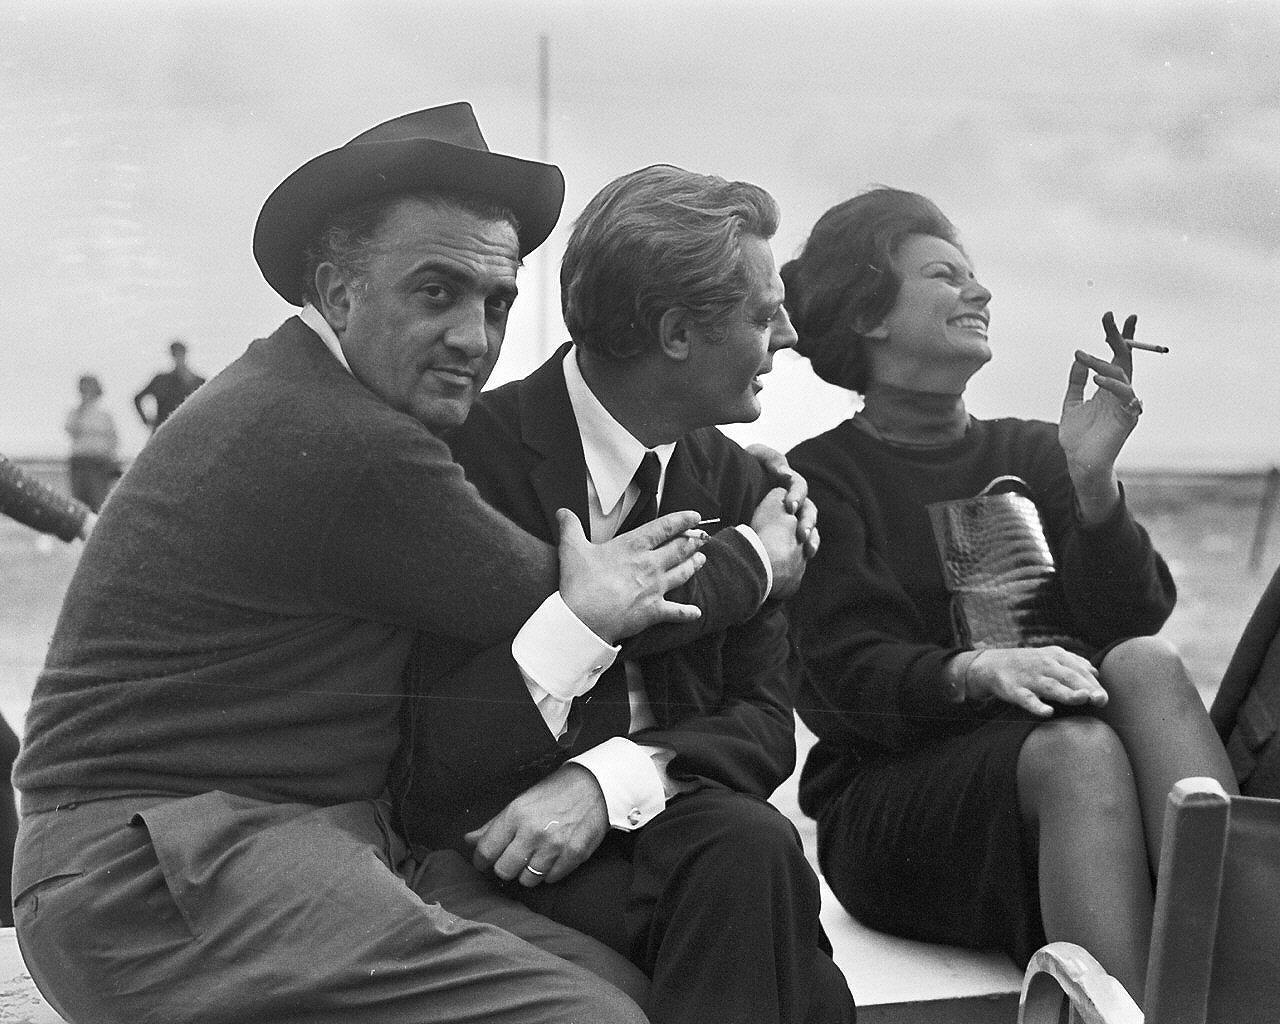 File:Fellini-8-e-mezzo-mastroianni-loren.jpg - Wikipedia